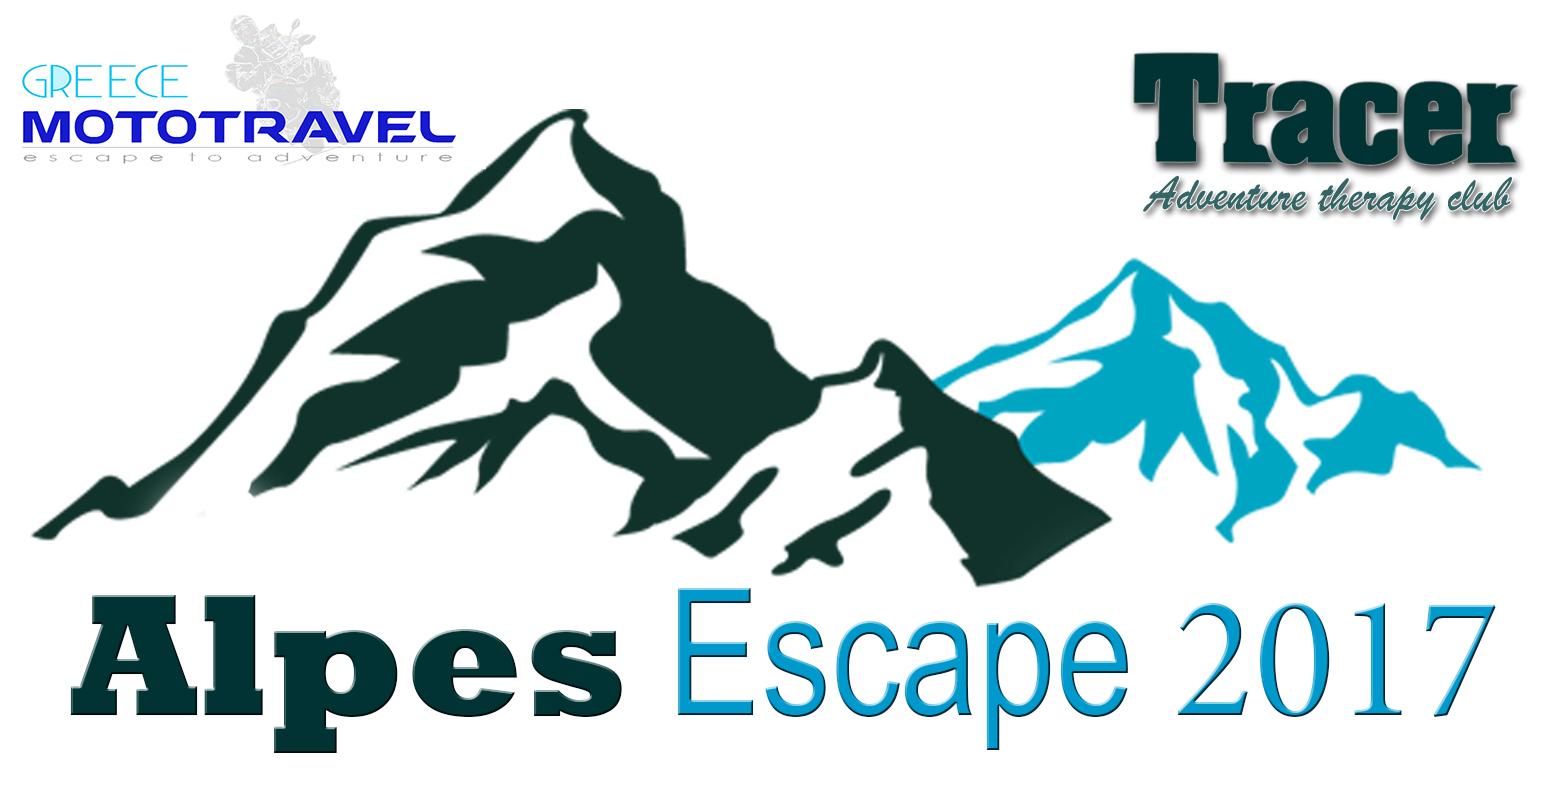 new-greece-alp-escape-tracer